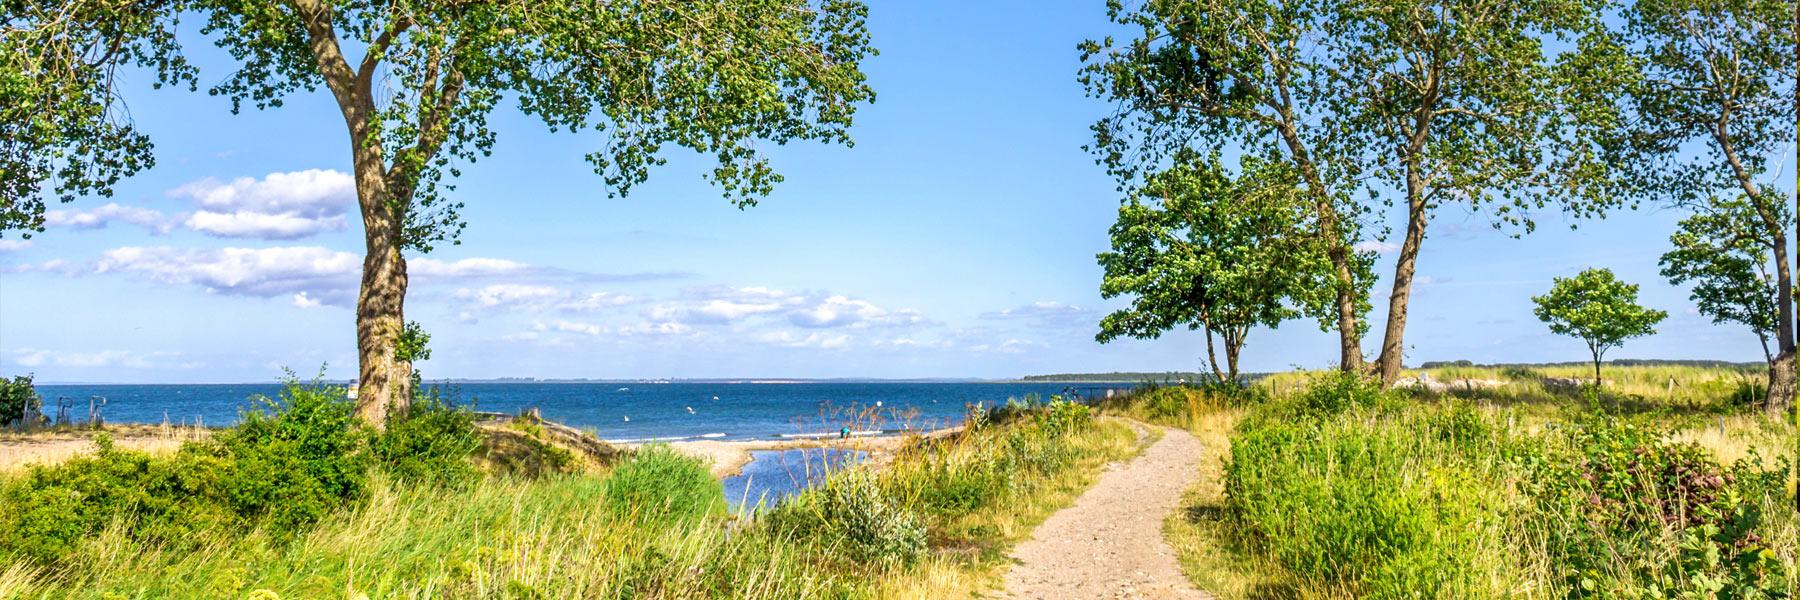 Weg zur Ostsee - Klützer Winkel